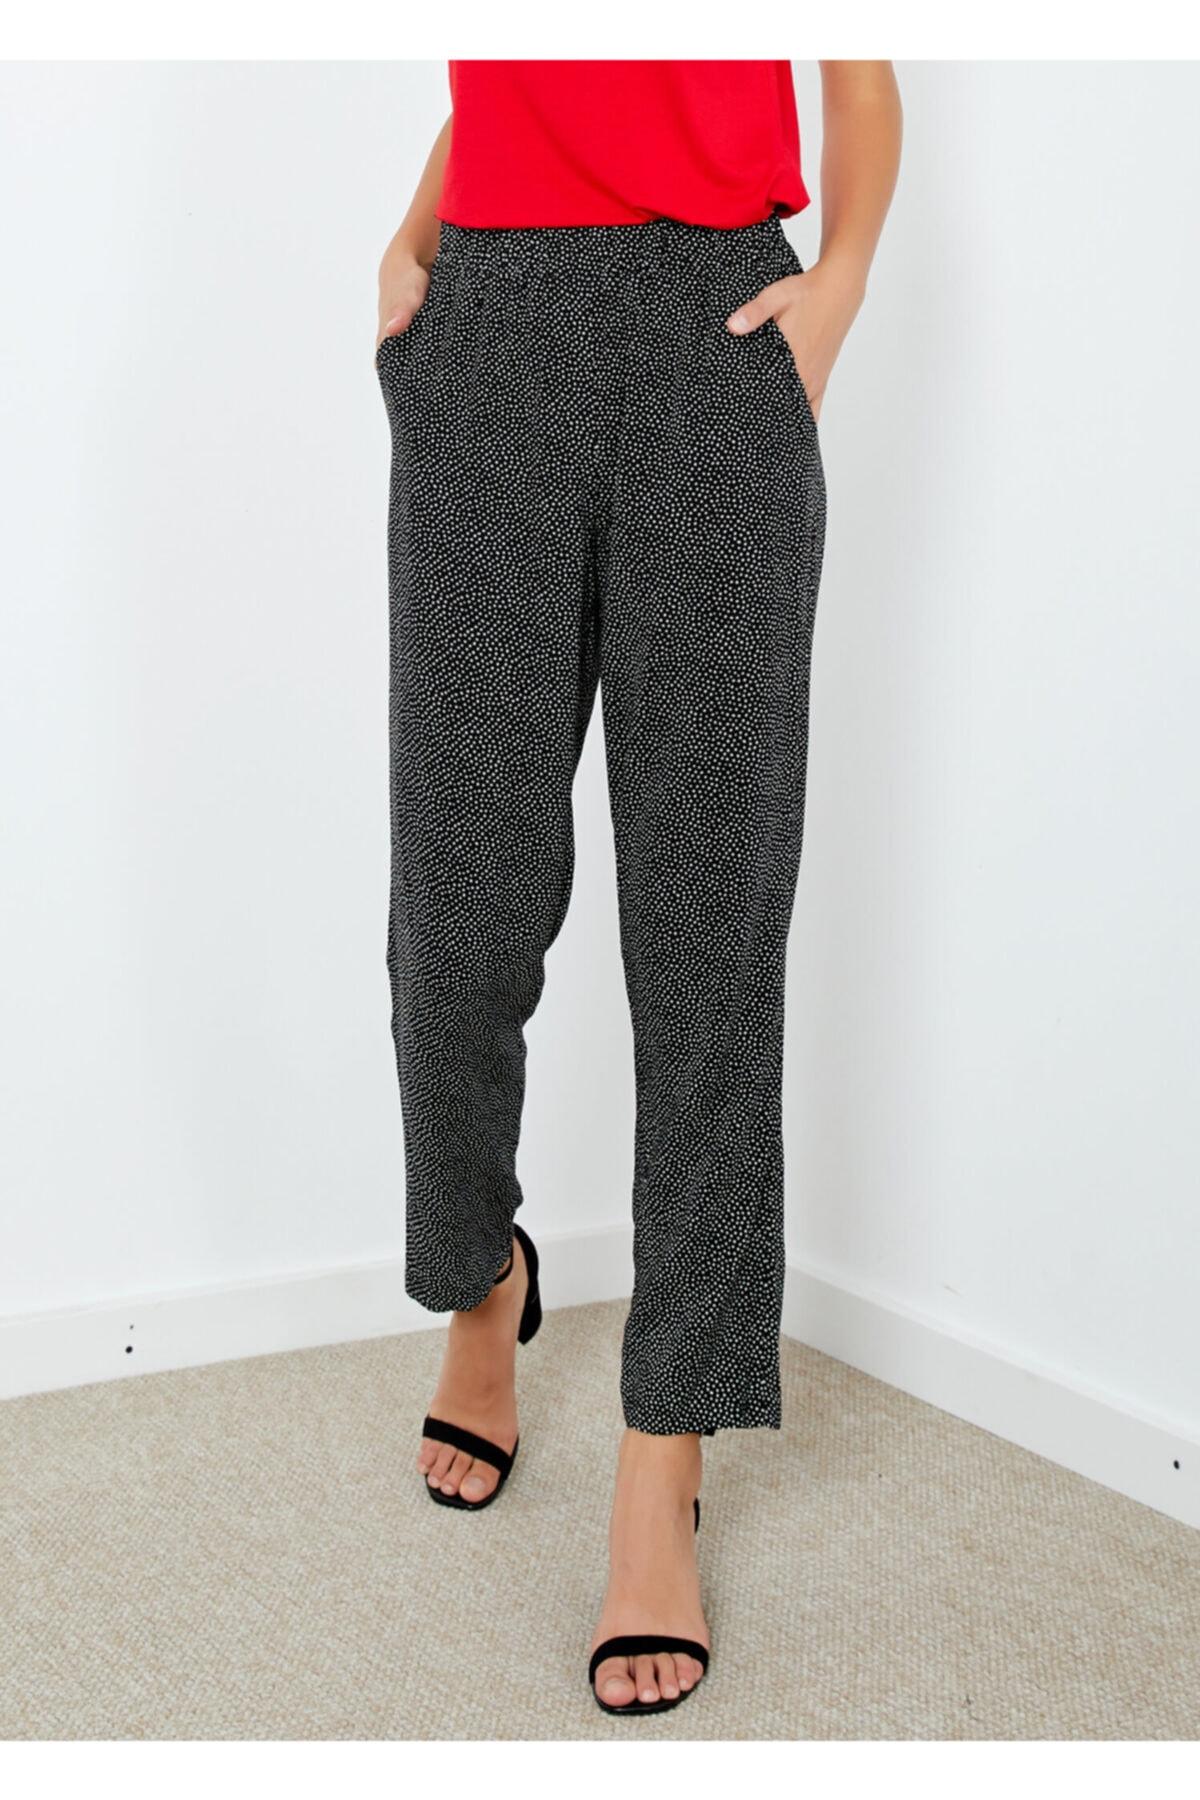 Adze Kadın Siyah Cepli Puantiyeli Pantolon Karışık 1